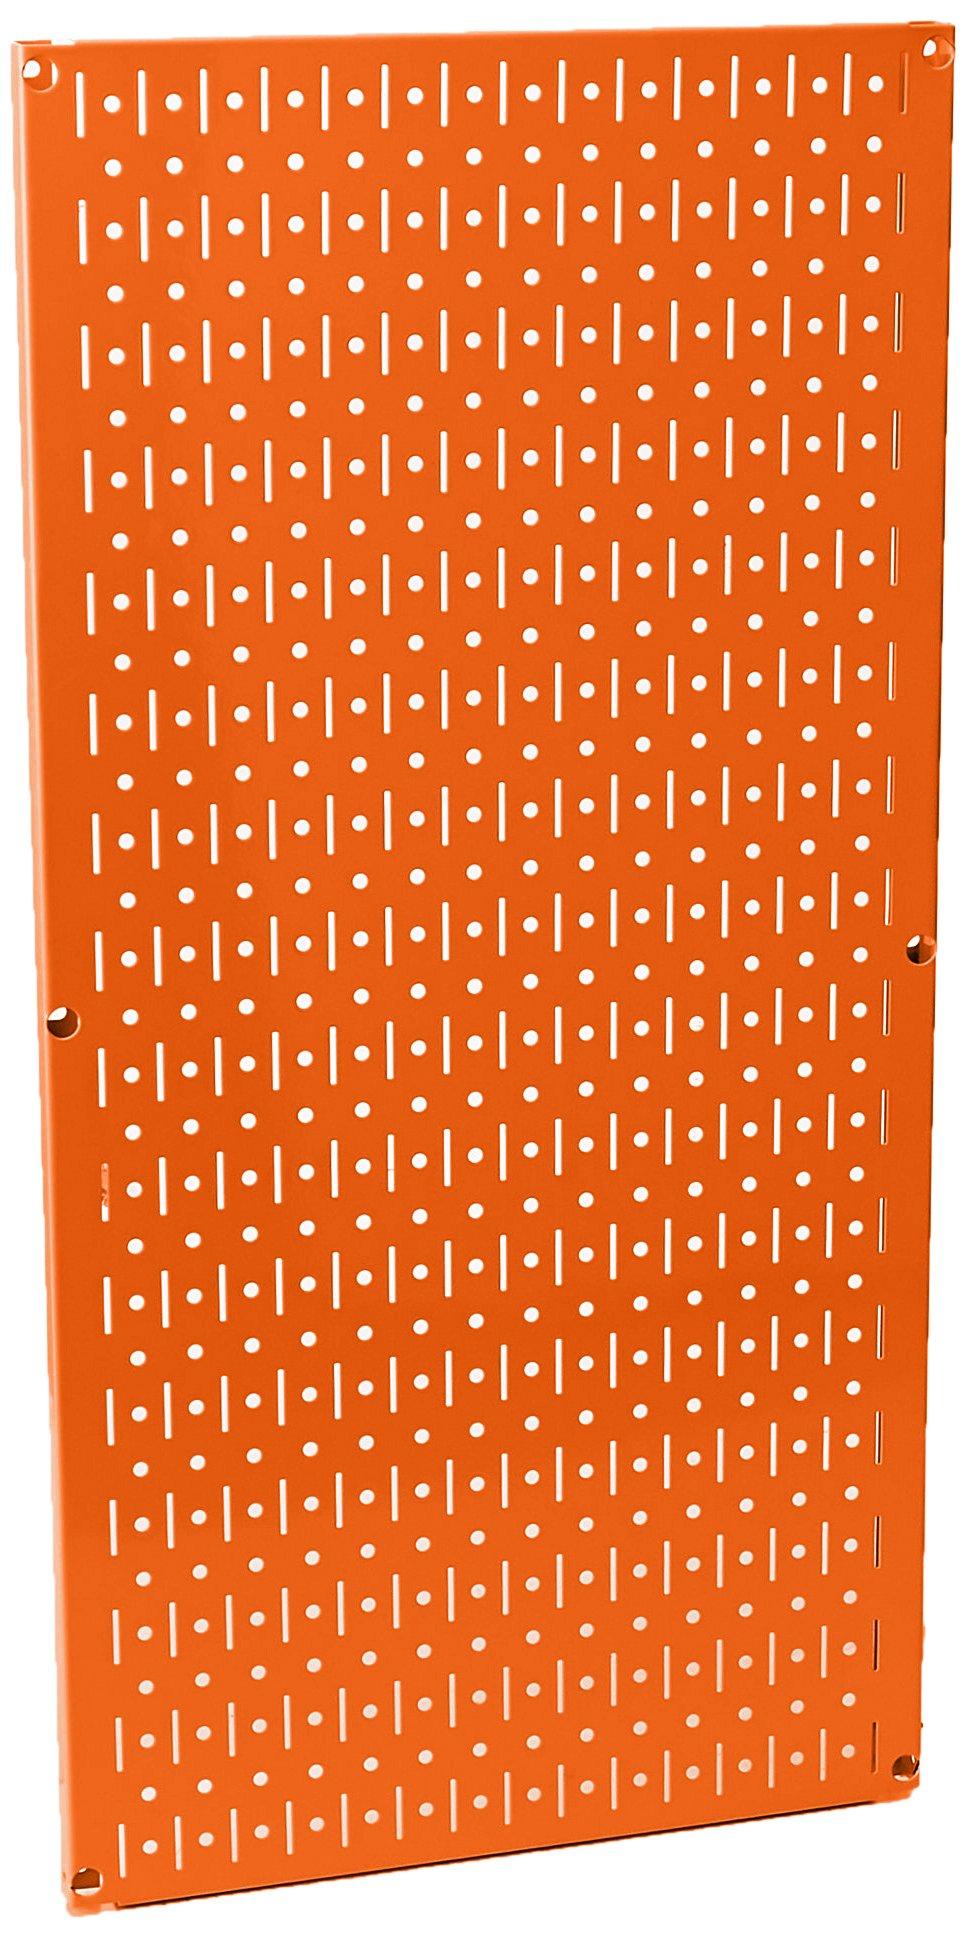 Wall Control 30-P-3216 OR 32'' x 16'' Orange Metal Pegboard Tool Board Panel by Wall Control